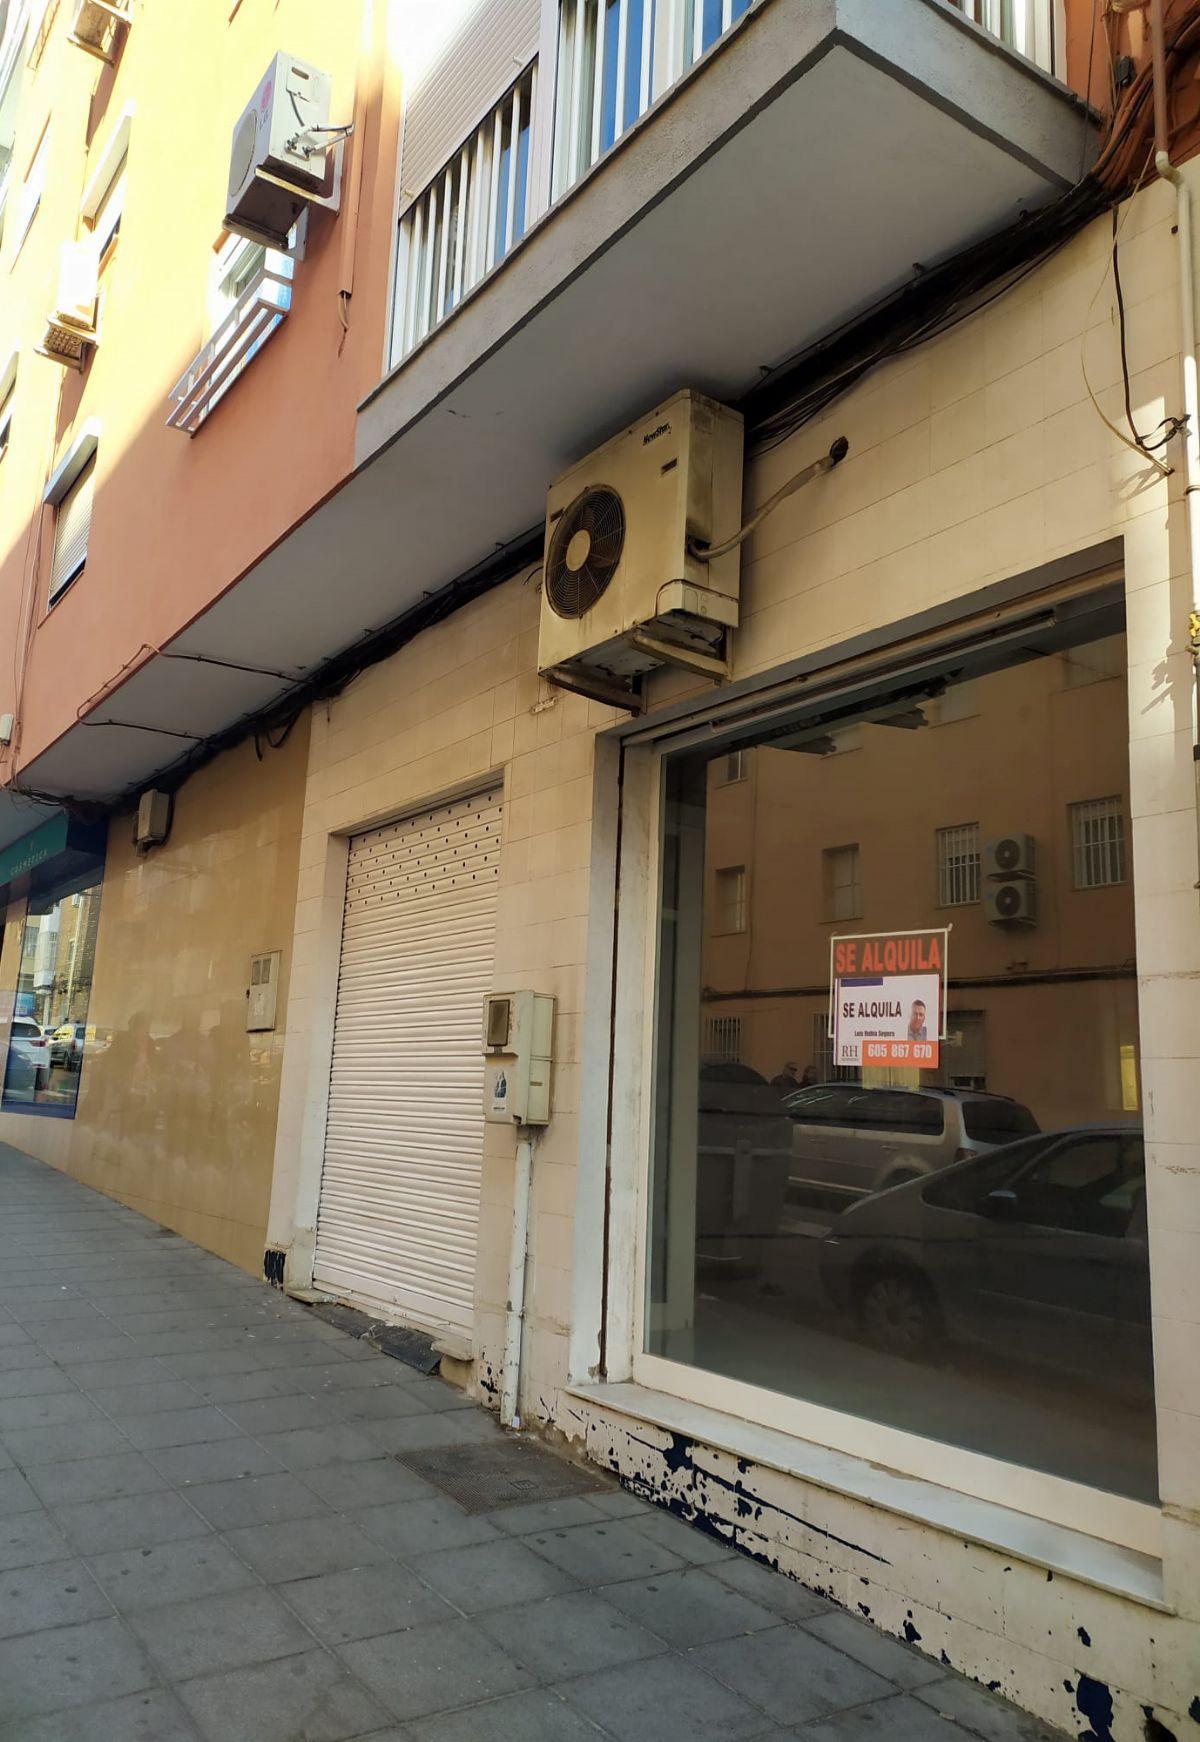 Local en alquiler en Los Ángeles - Cruz de Caravaca - Piedras Redondas, Almería, Almería, Calle Marchales, 650 €, 156 m2